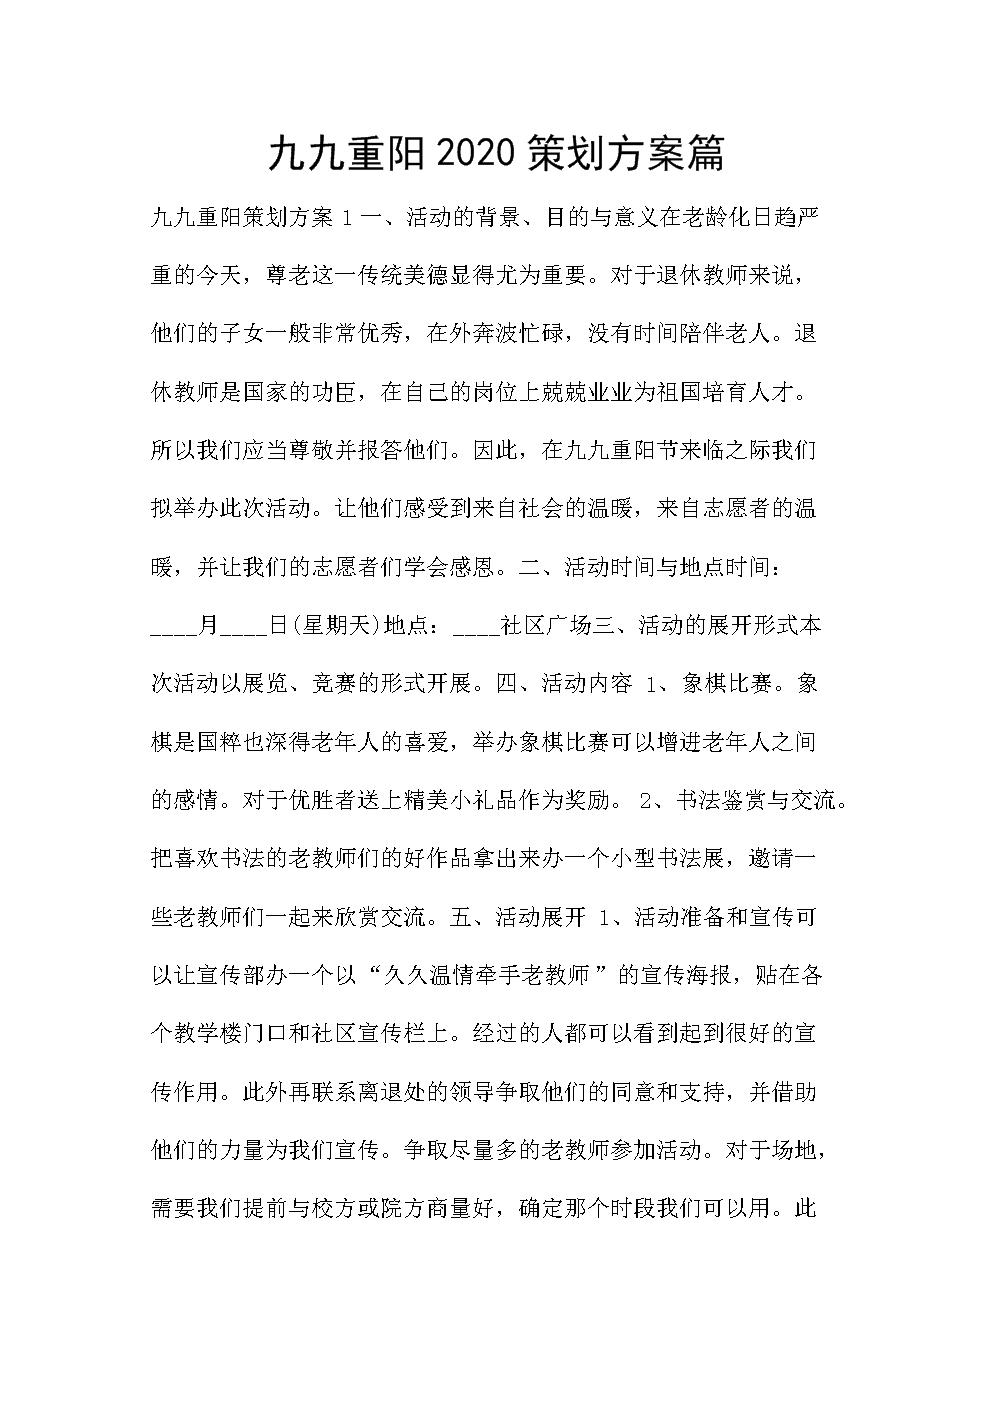 九九重阳2020策划方案篇.doc